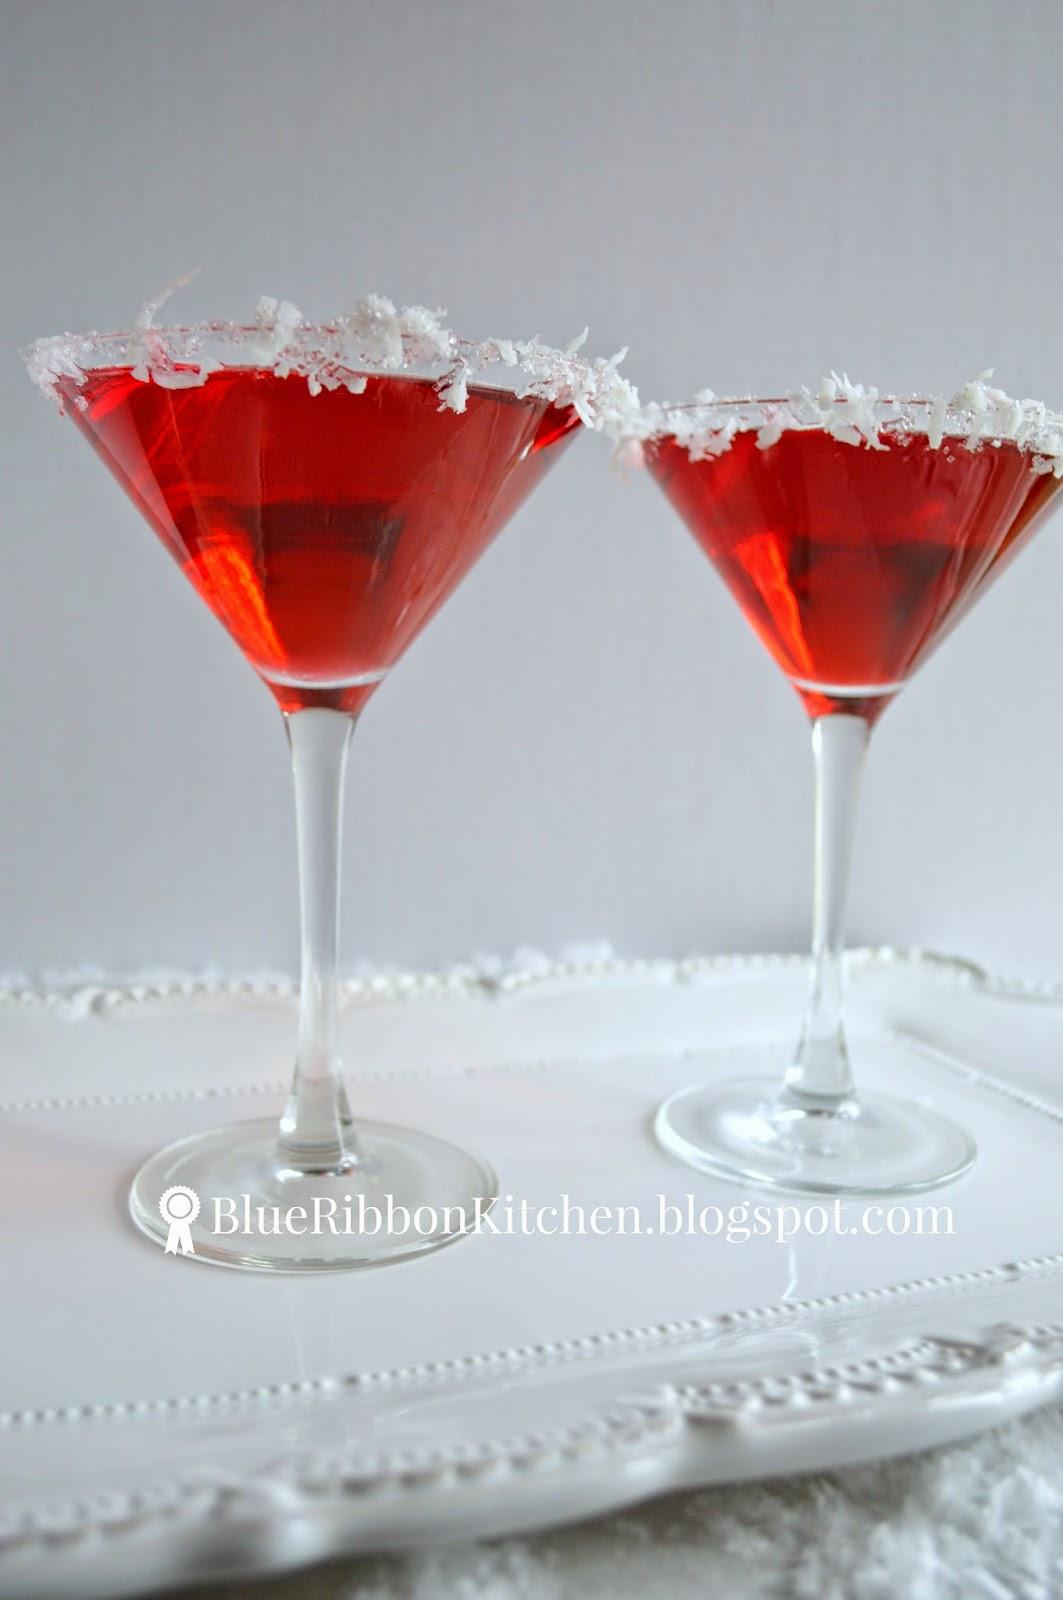 blog piano recital santa drink 091